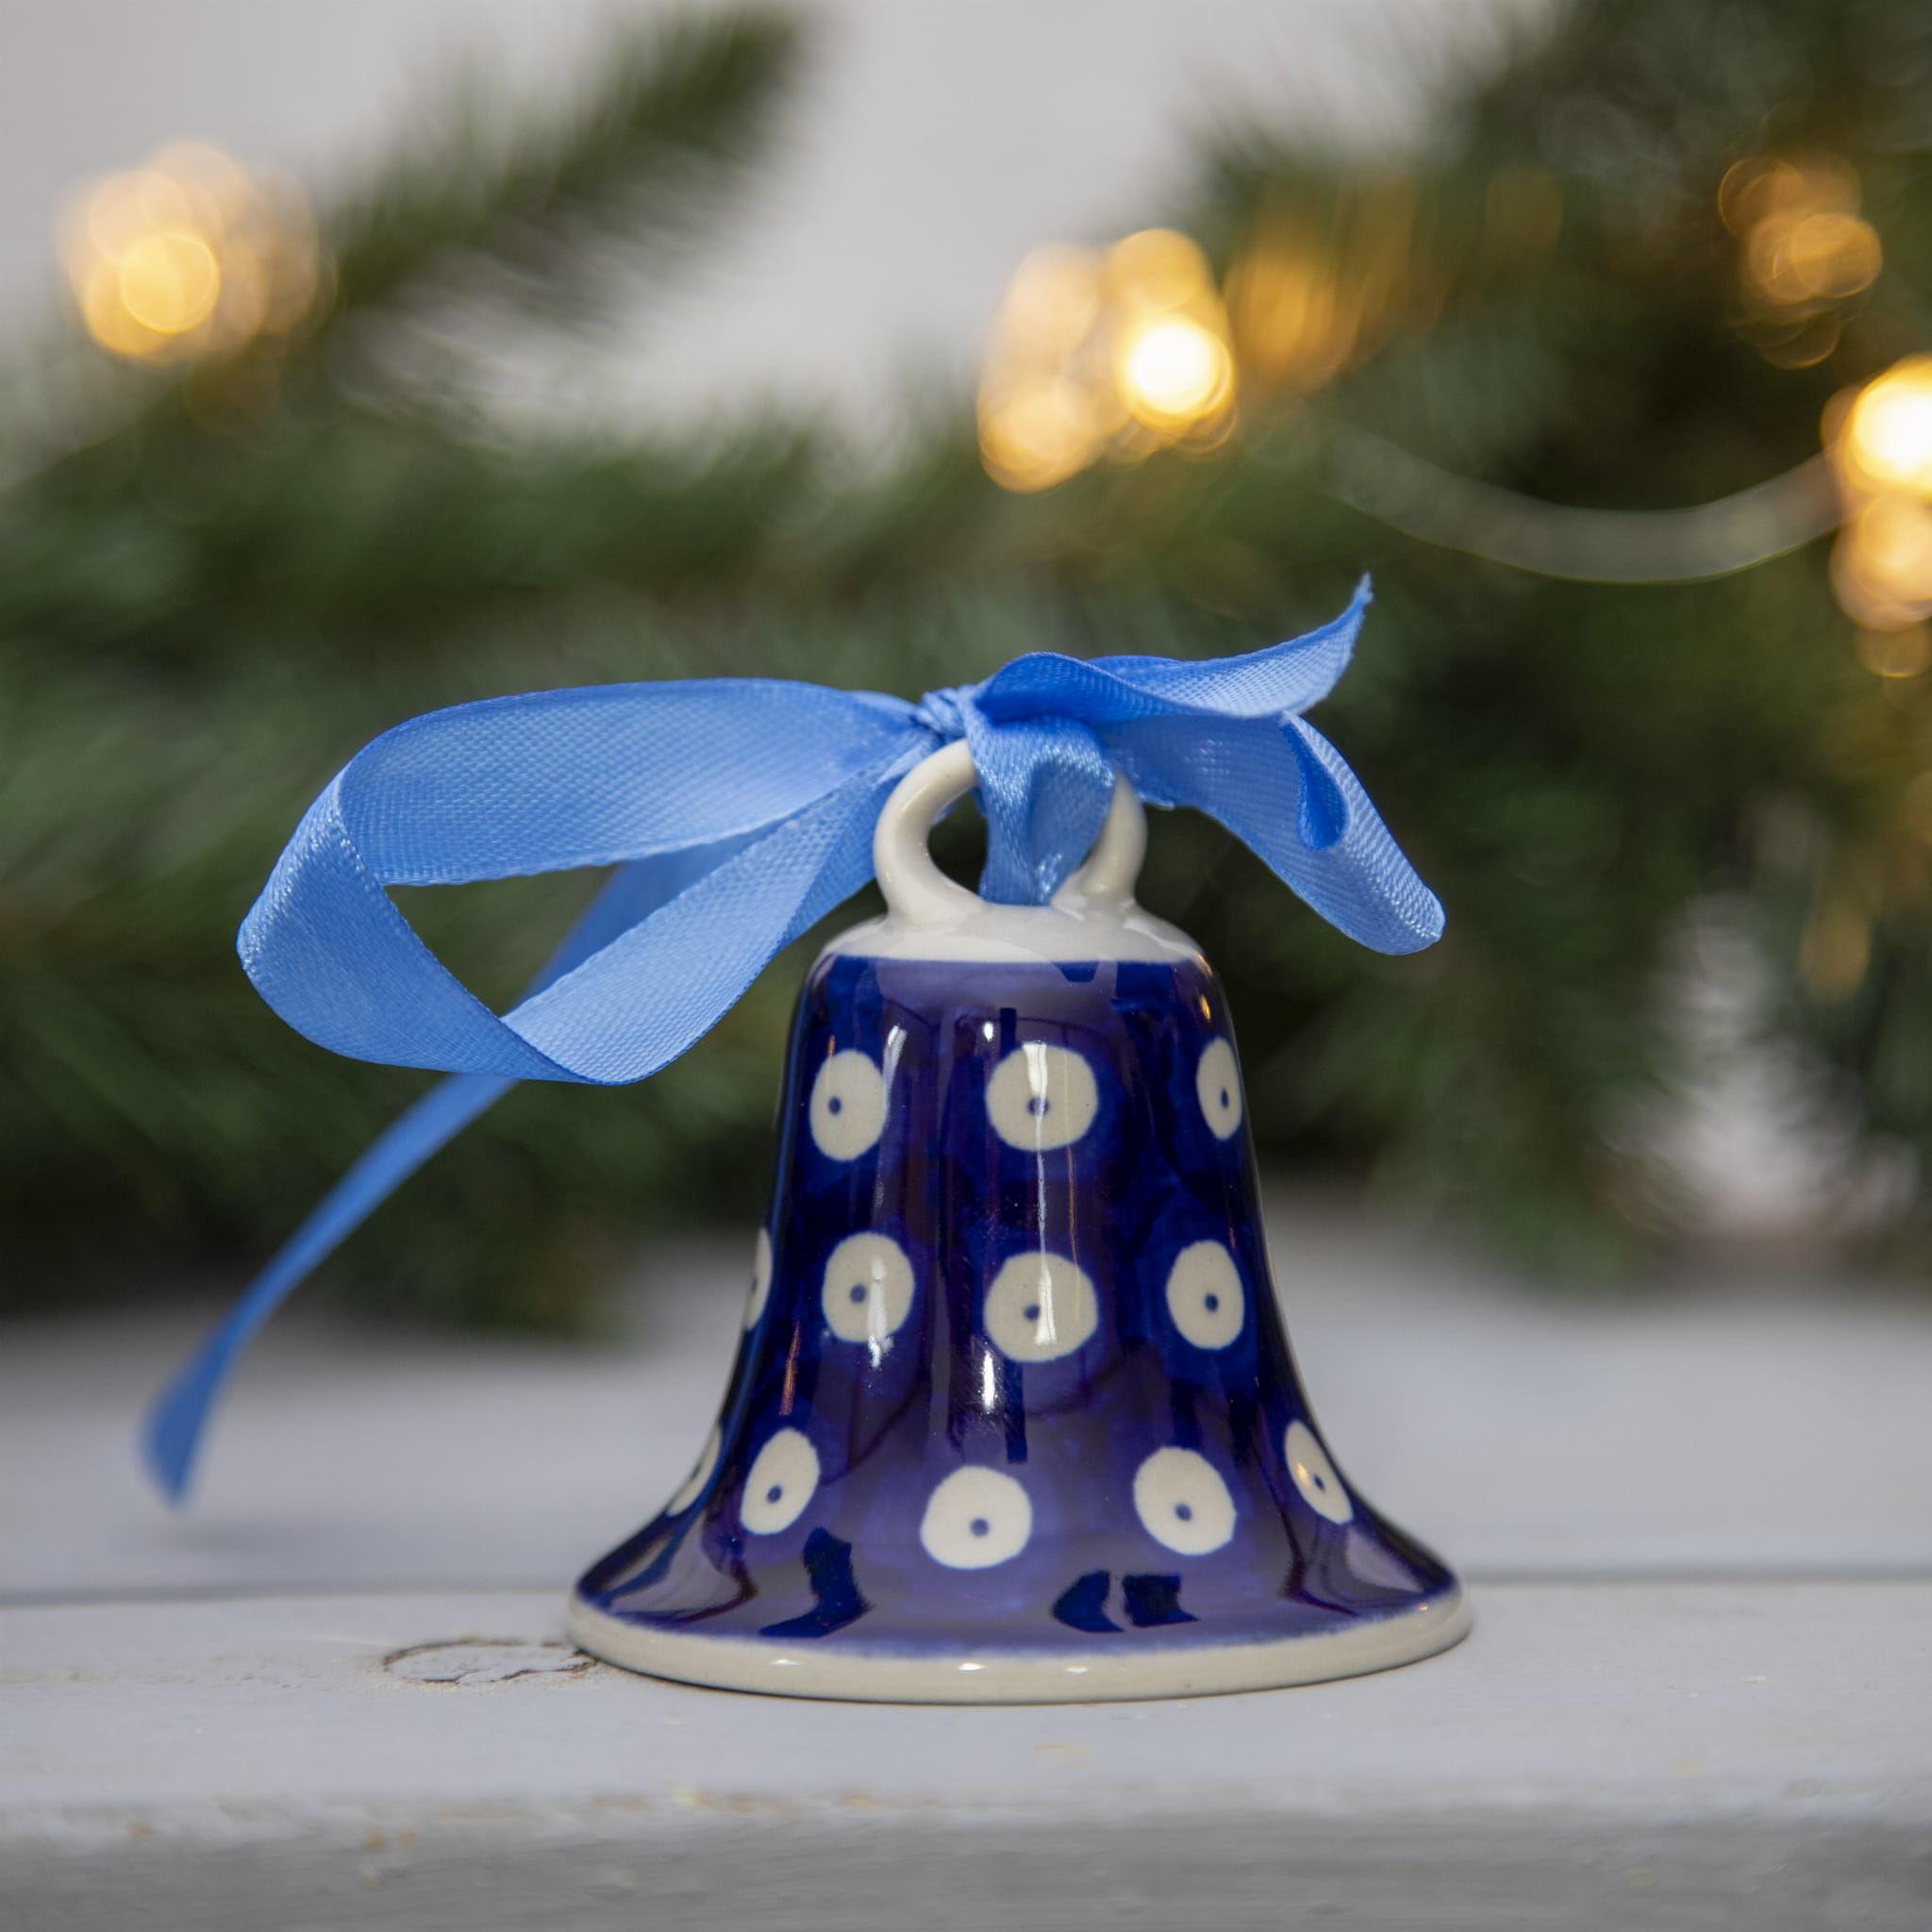 Dzwonek mały z kokardą, ozdoba choinkowa, Bolesławiec